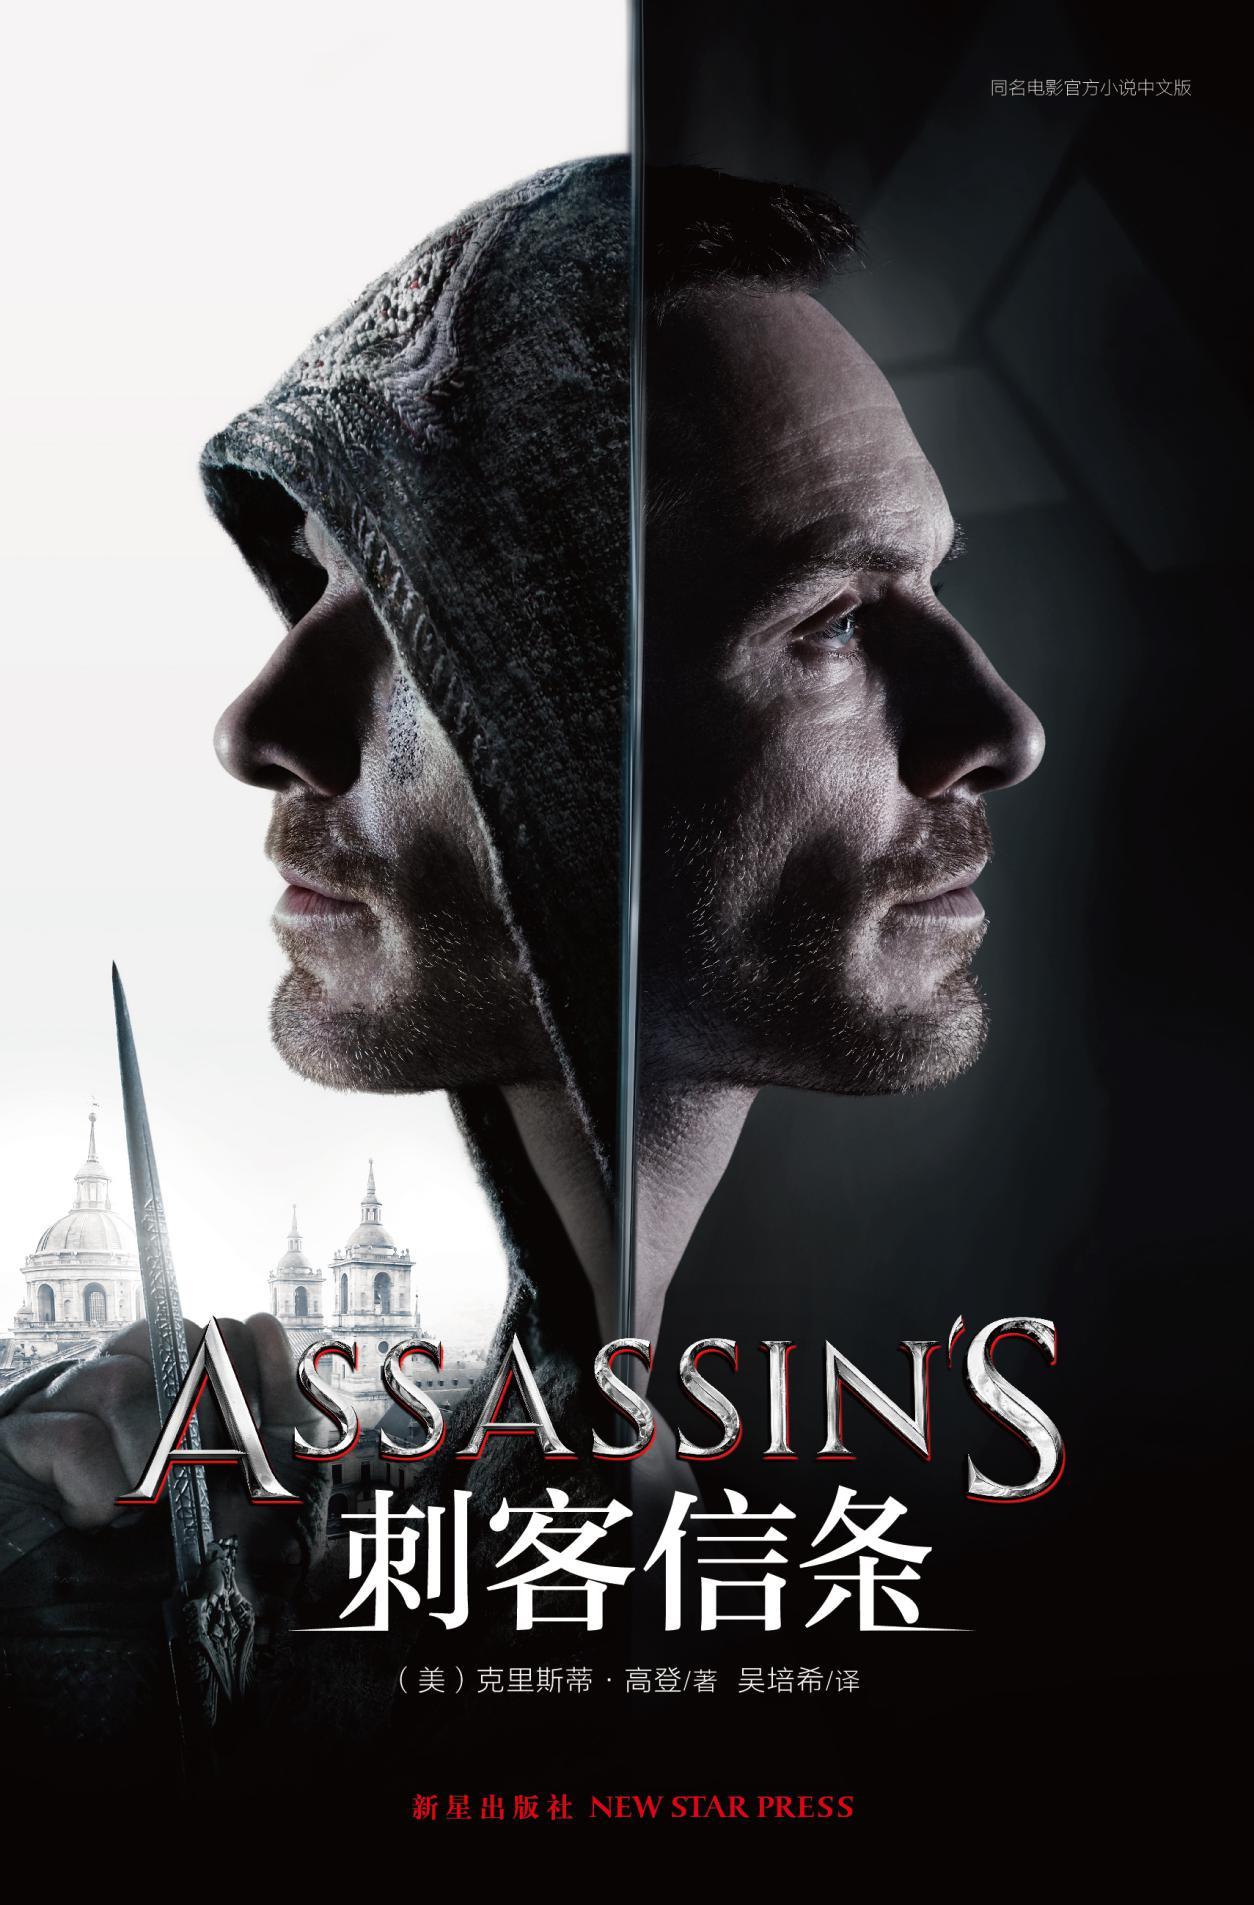 刺客信条 电影国内正式定档2月24日上映